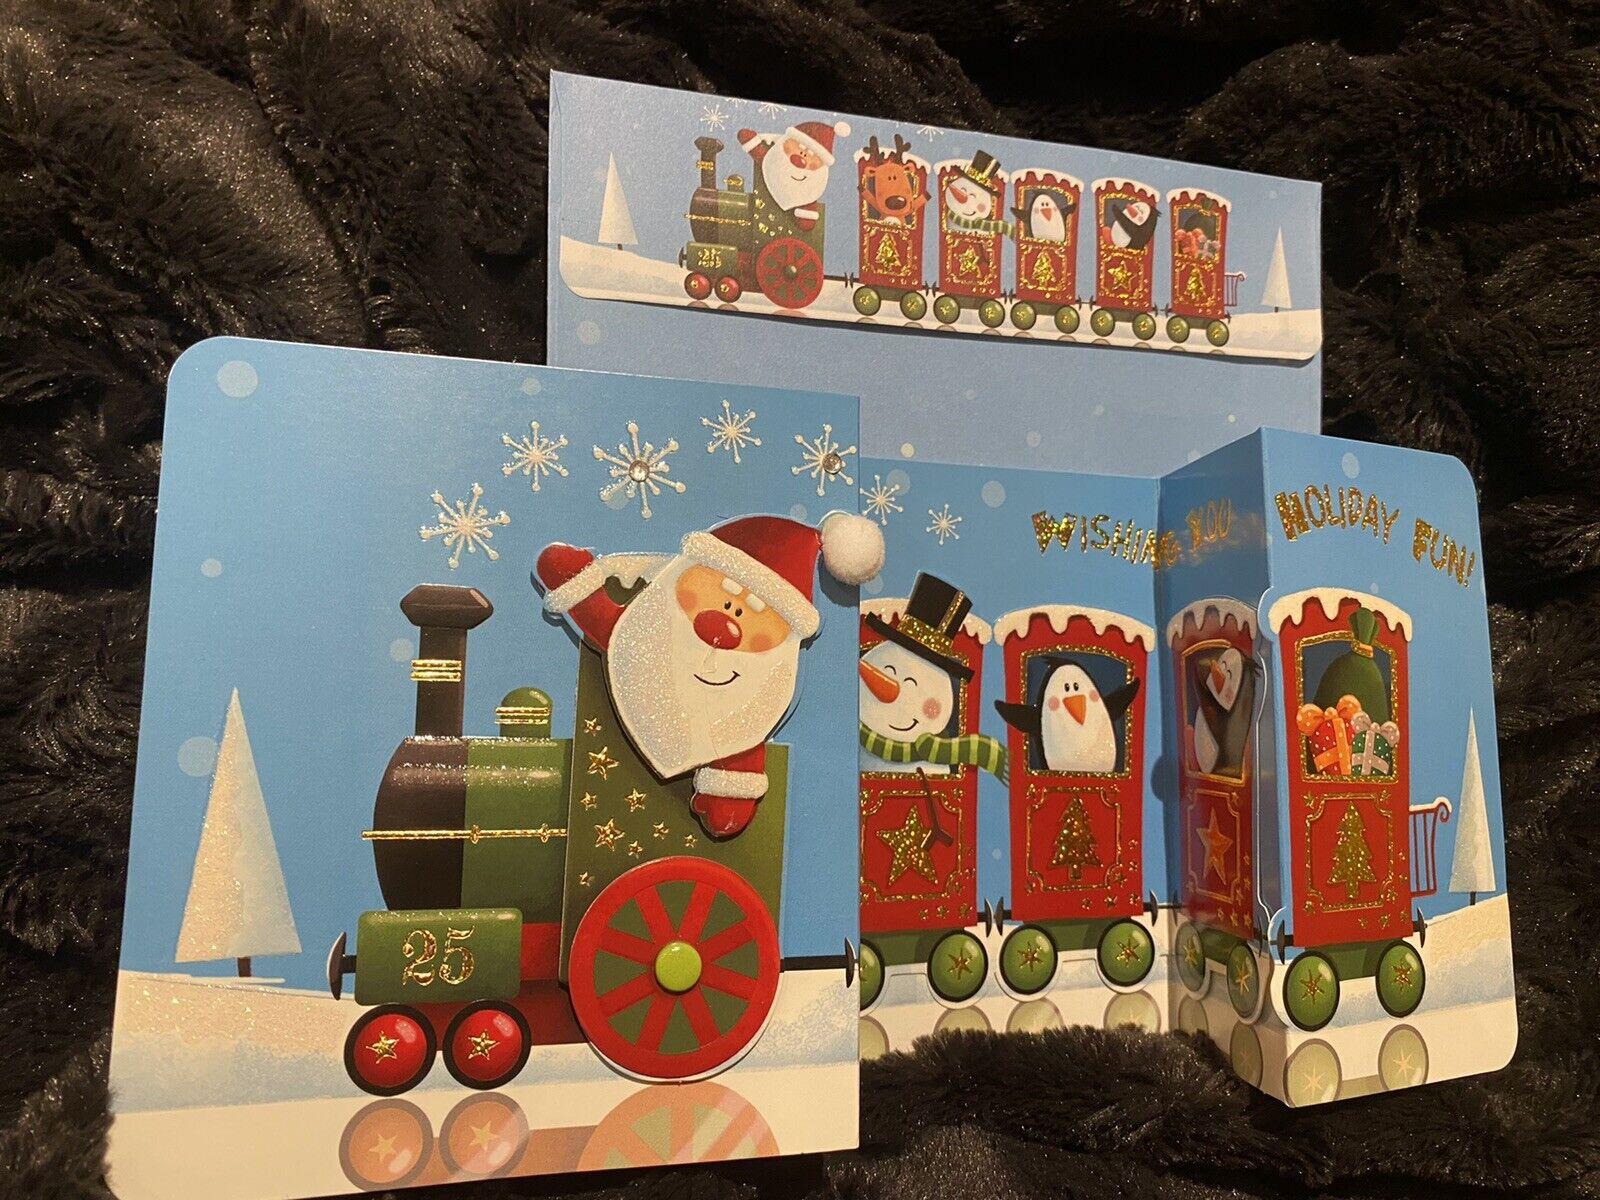 3D De Lujo Santas Navidad Tren Expreso Tarjeta Felices Fiestas divertido sacar Pompón